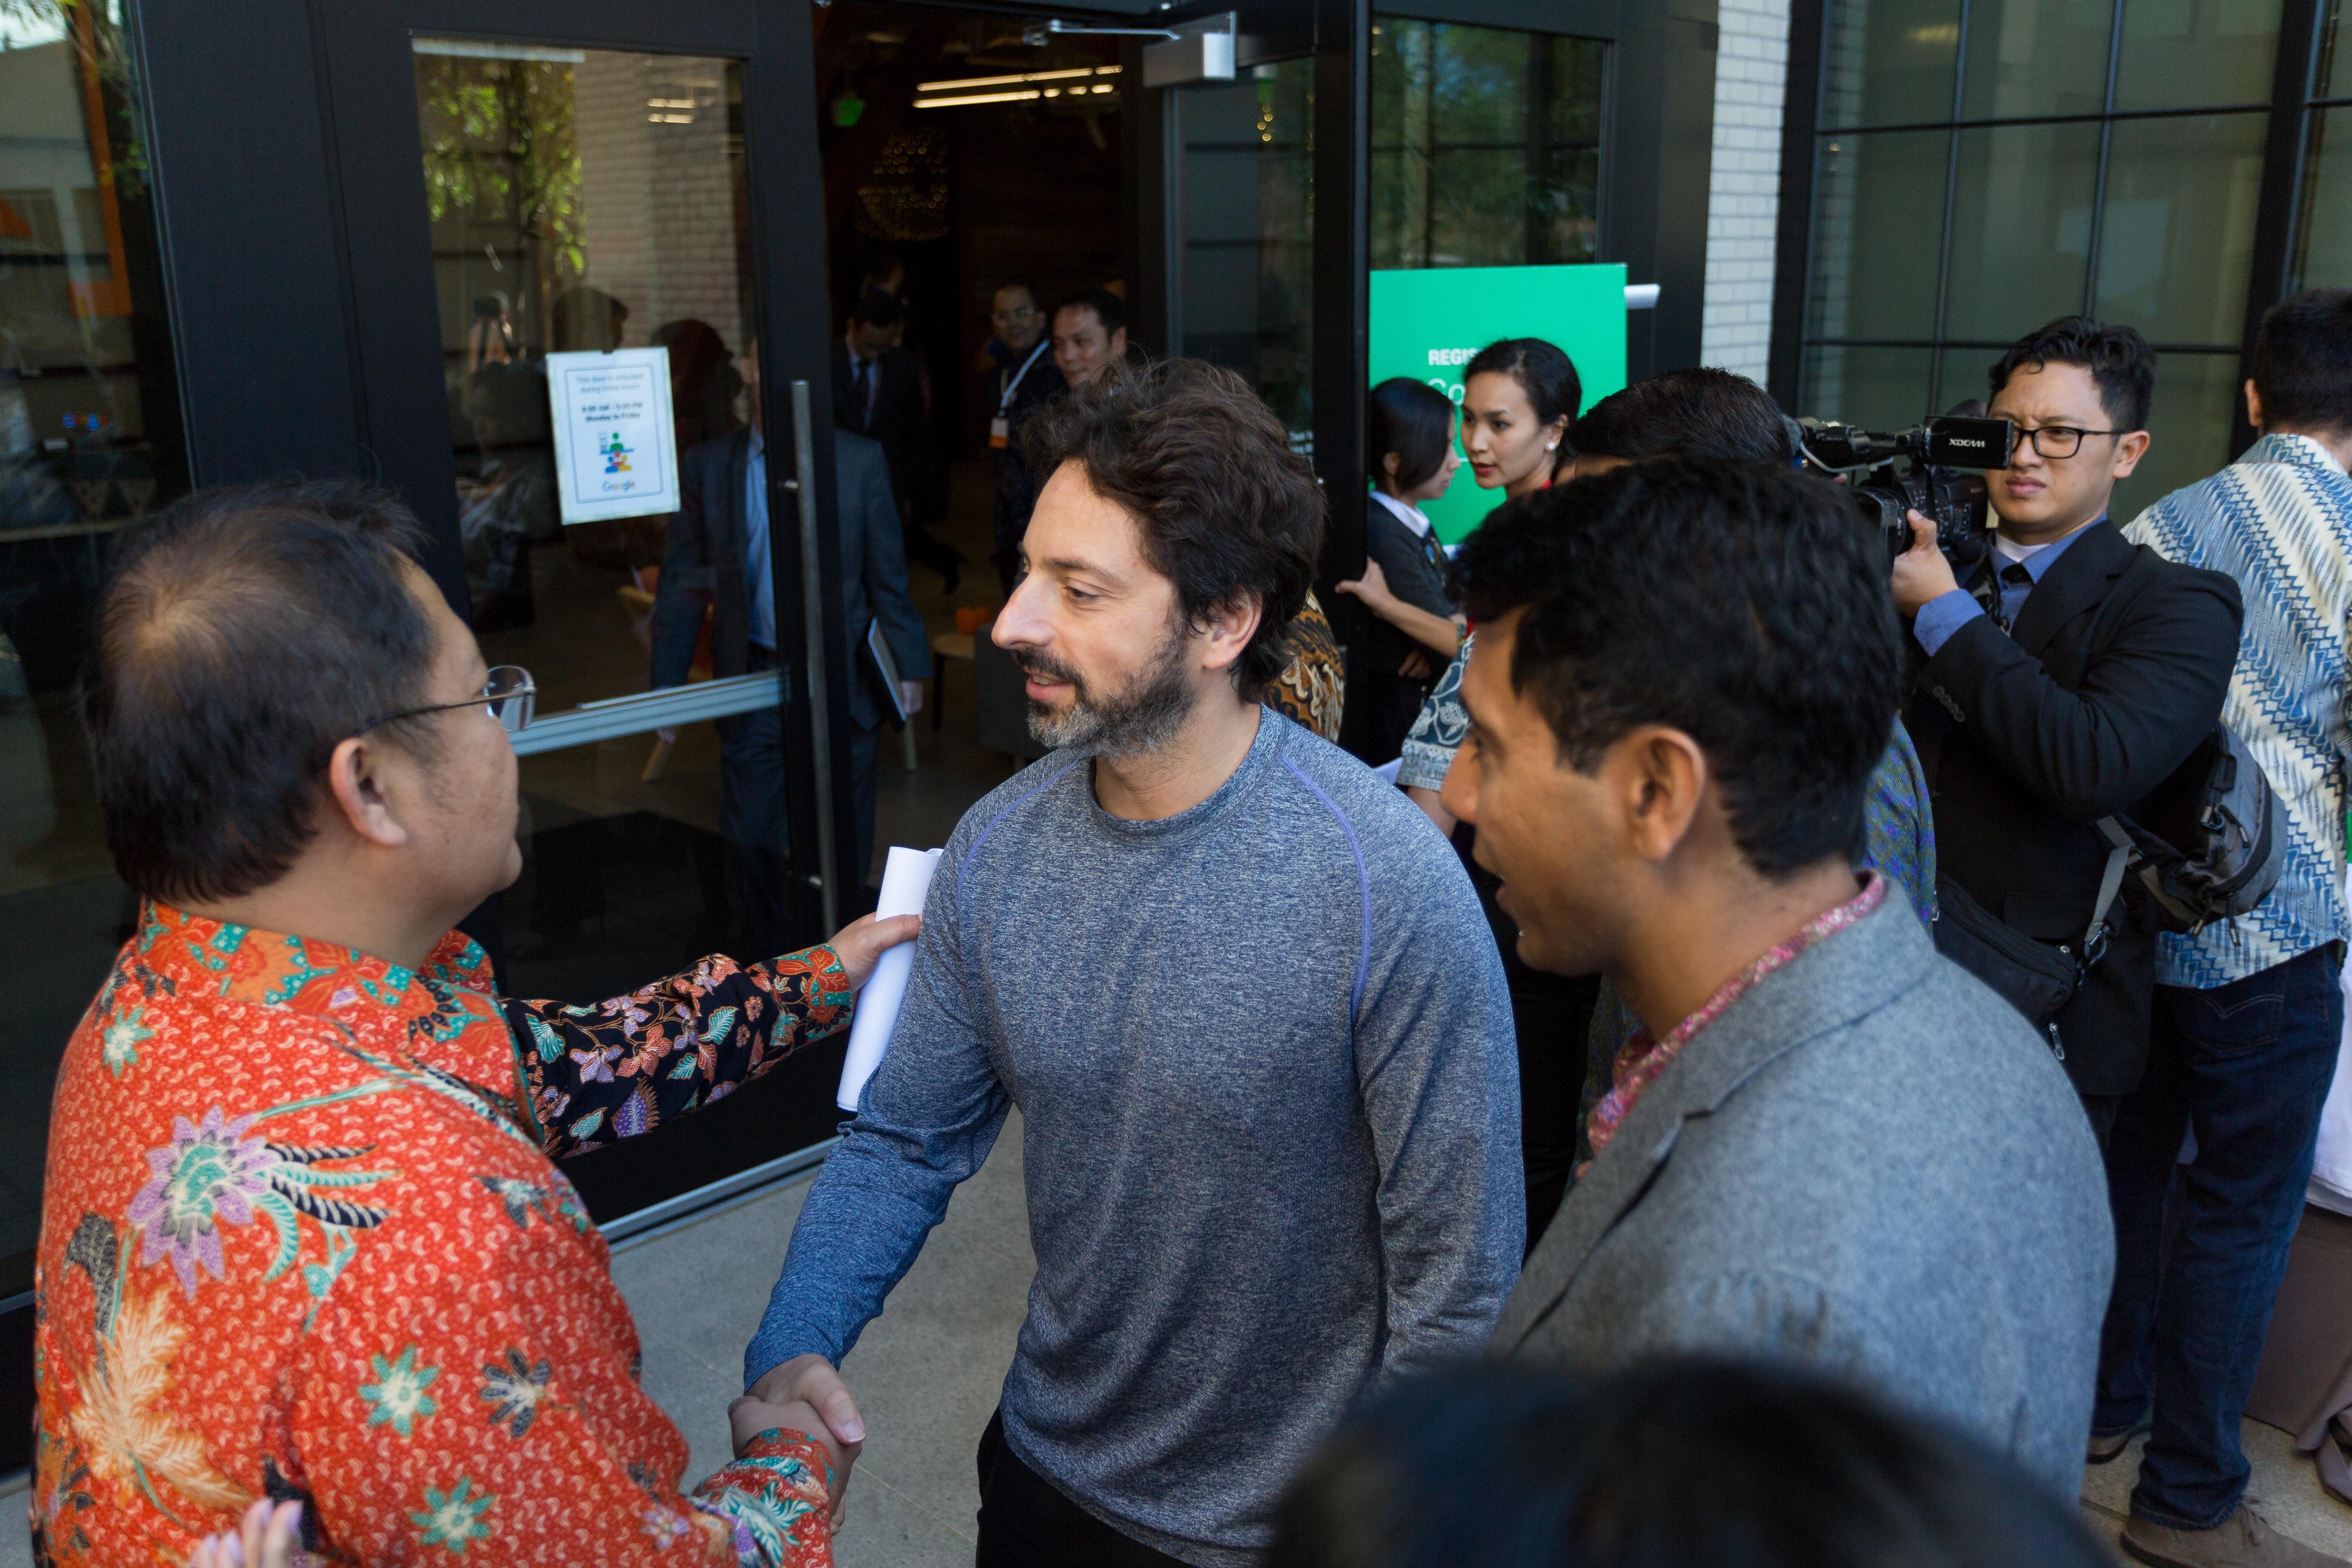 Indo delegation visit to SV - 56 of 115